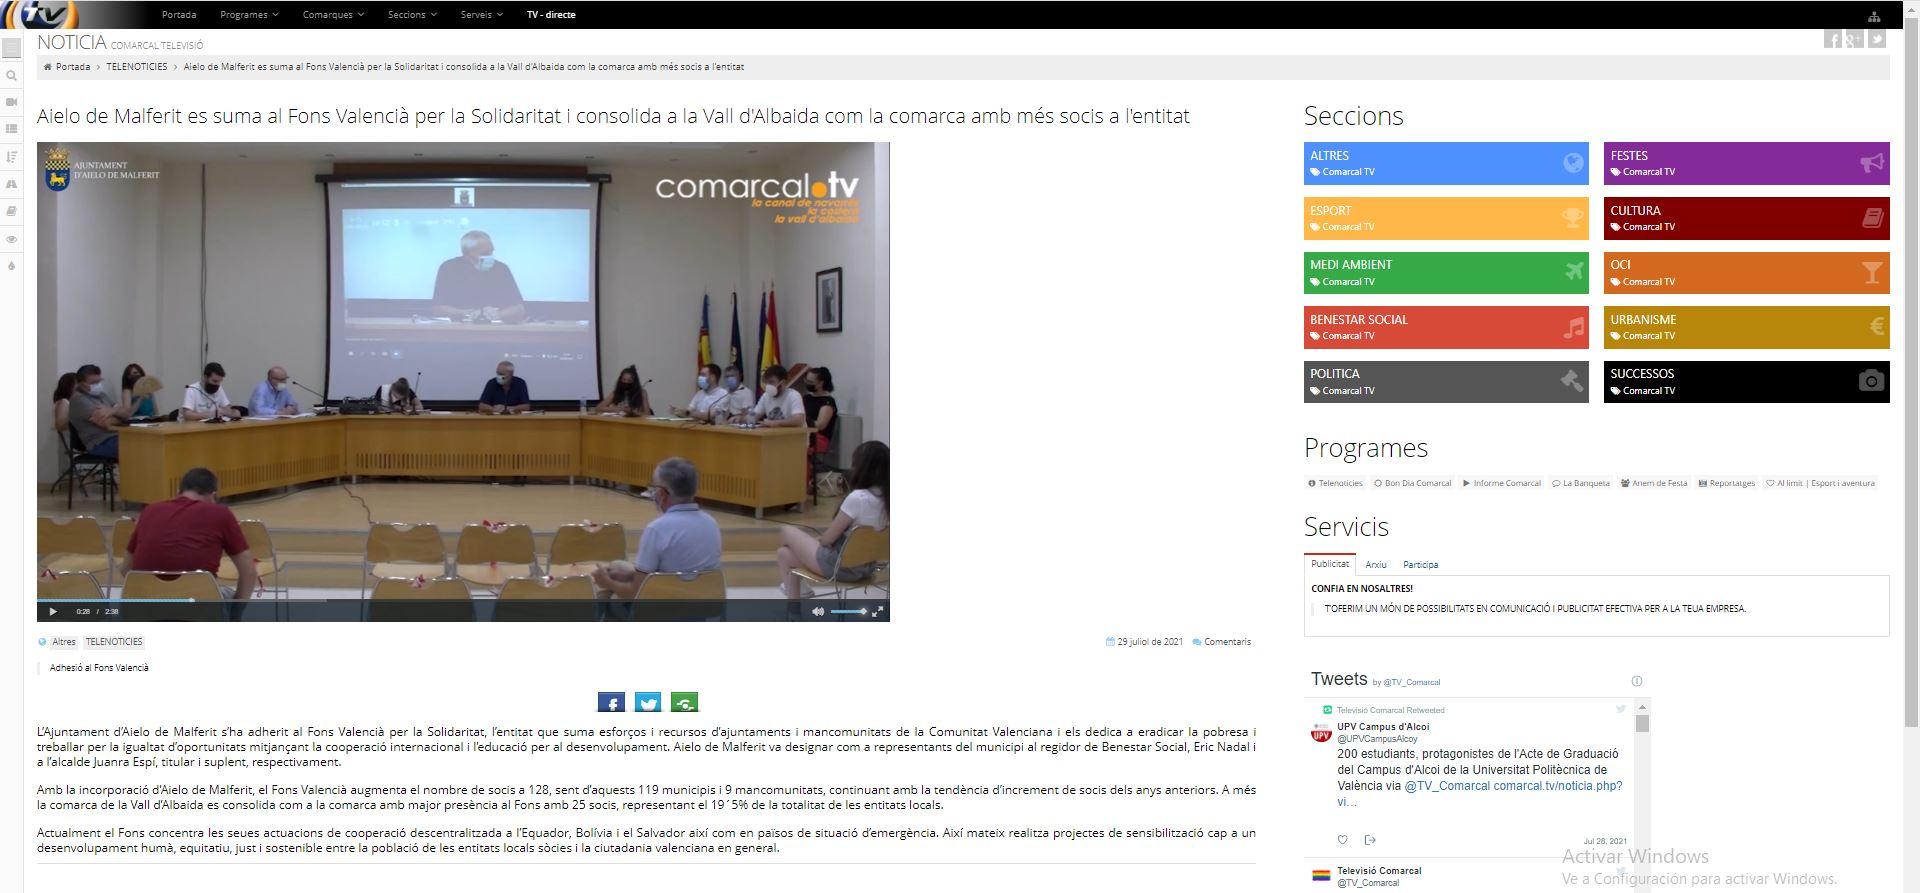 COMARCAL TV: Aielo de Malferit es suma al Fons Valencià per la Solidaritat i consolida a la Vall d'Albaida com la comarca amb més socis a l'entitat